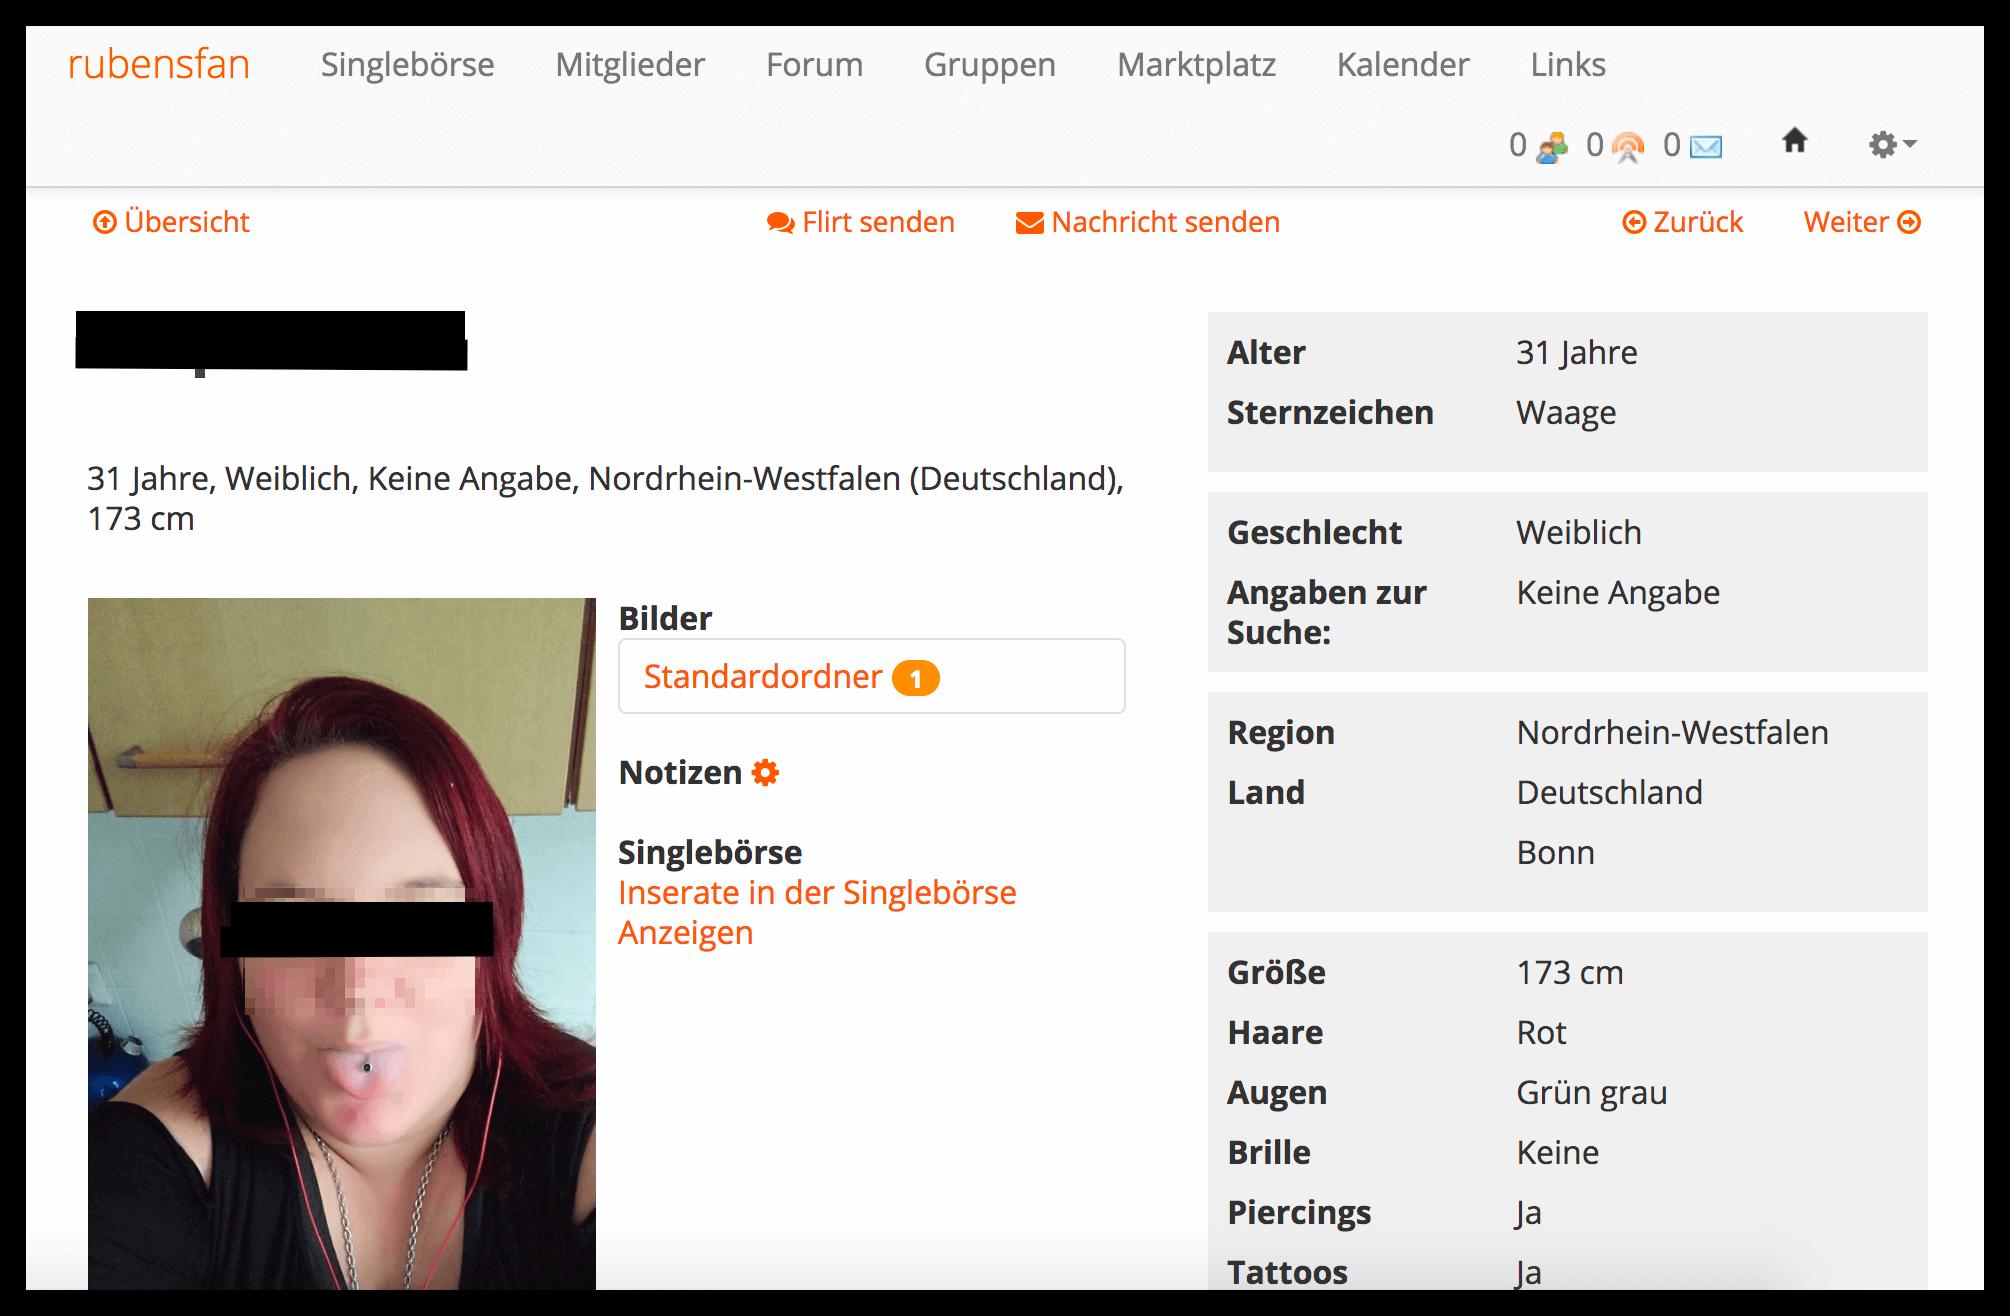 rubensfan profil